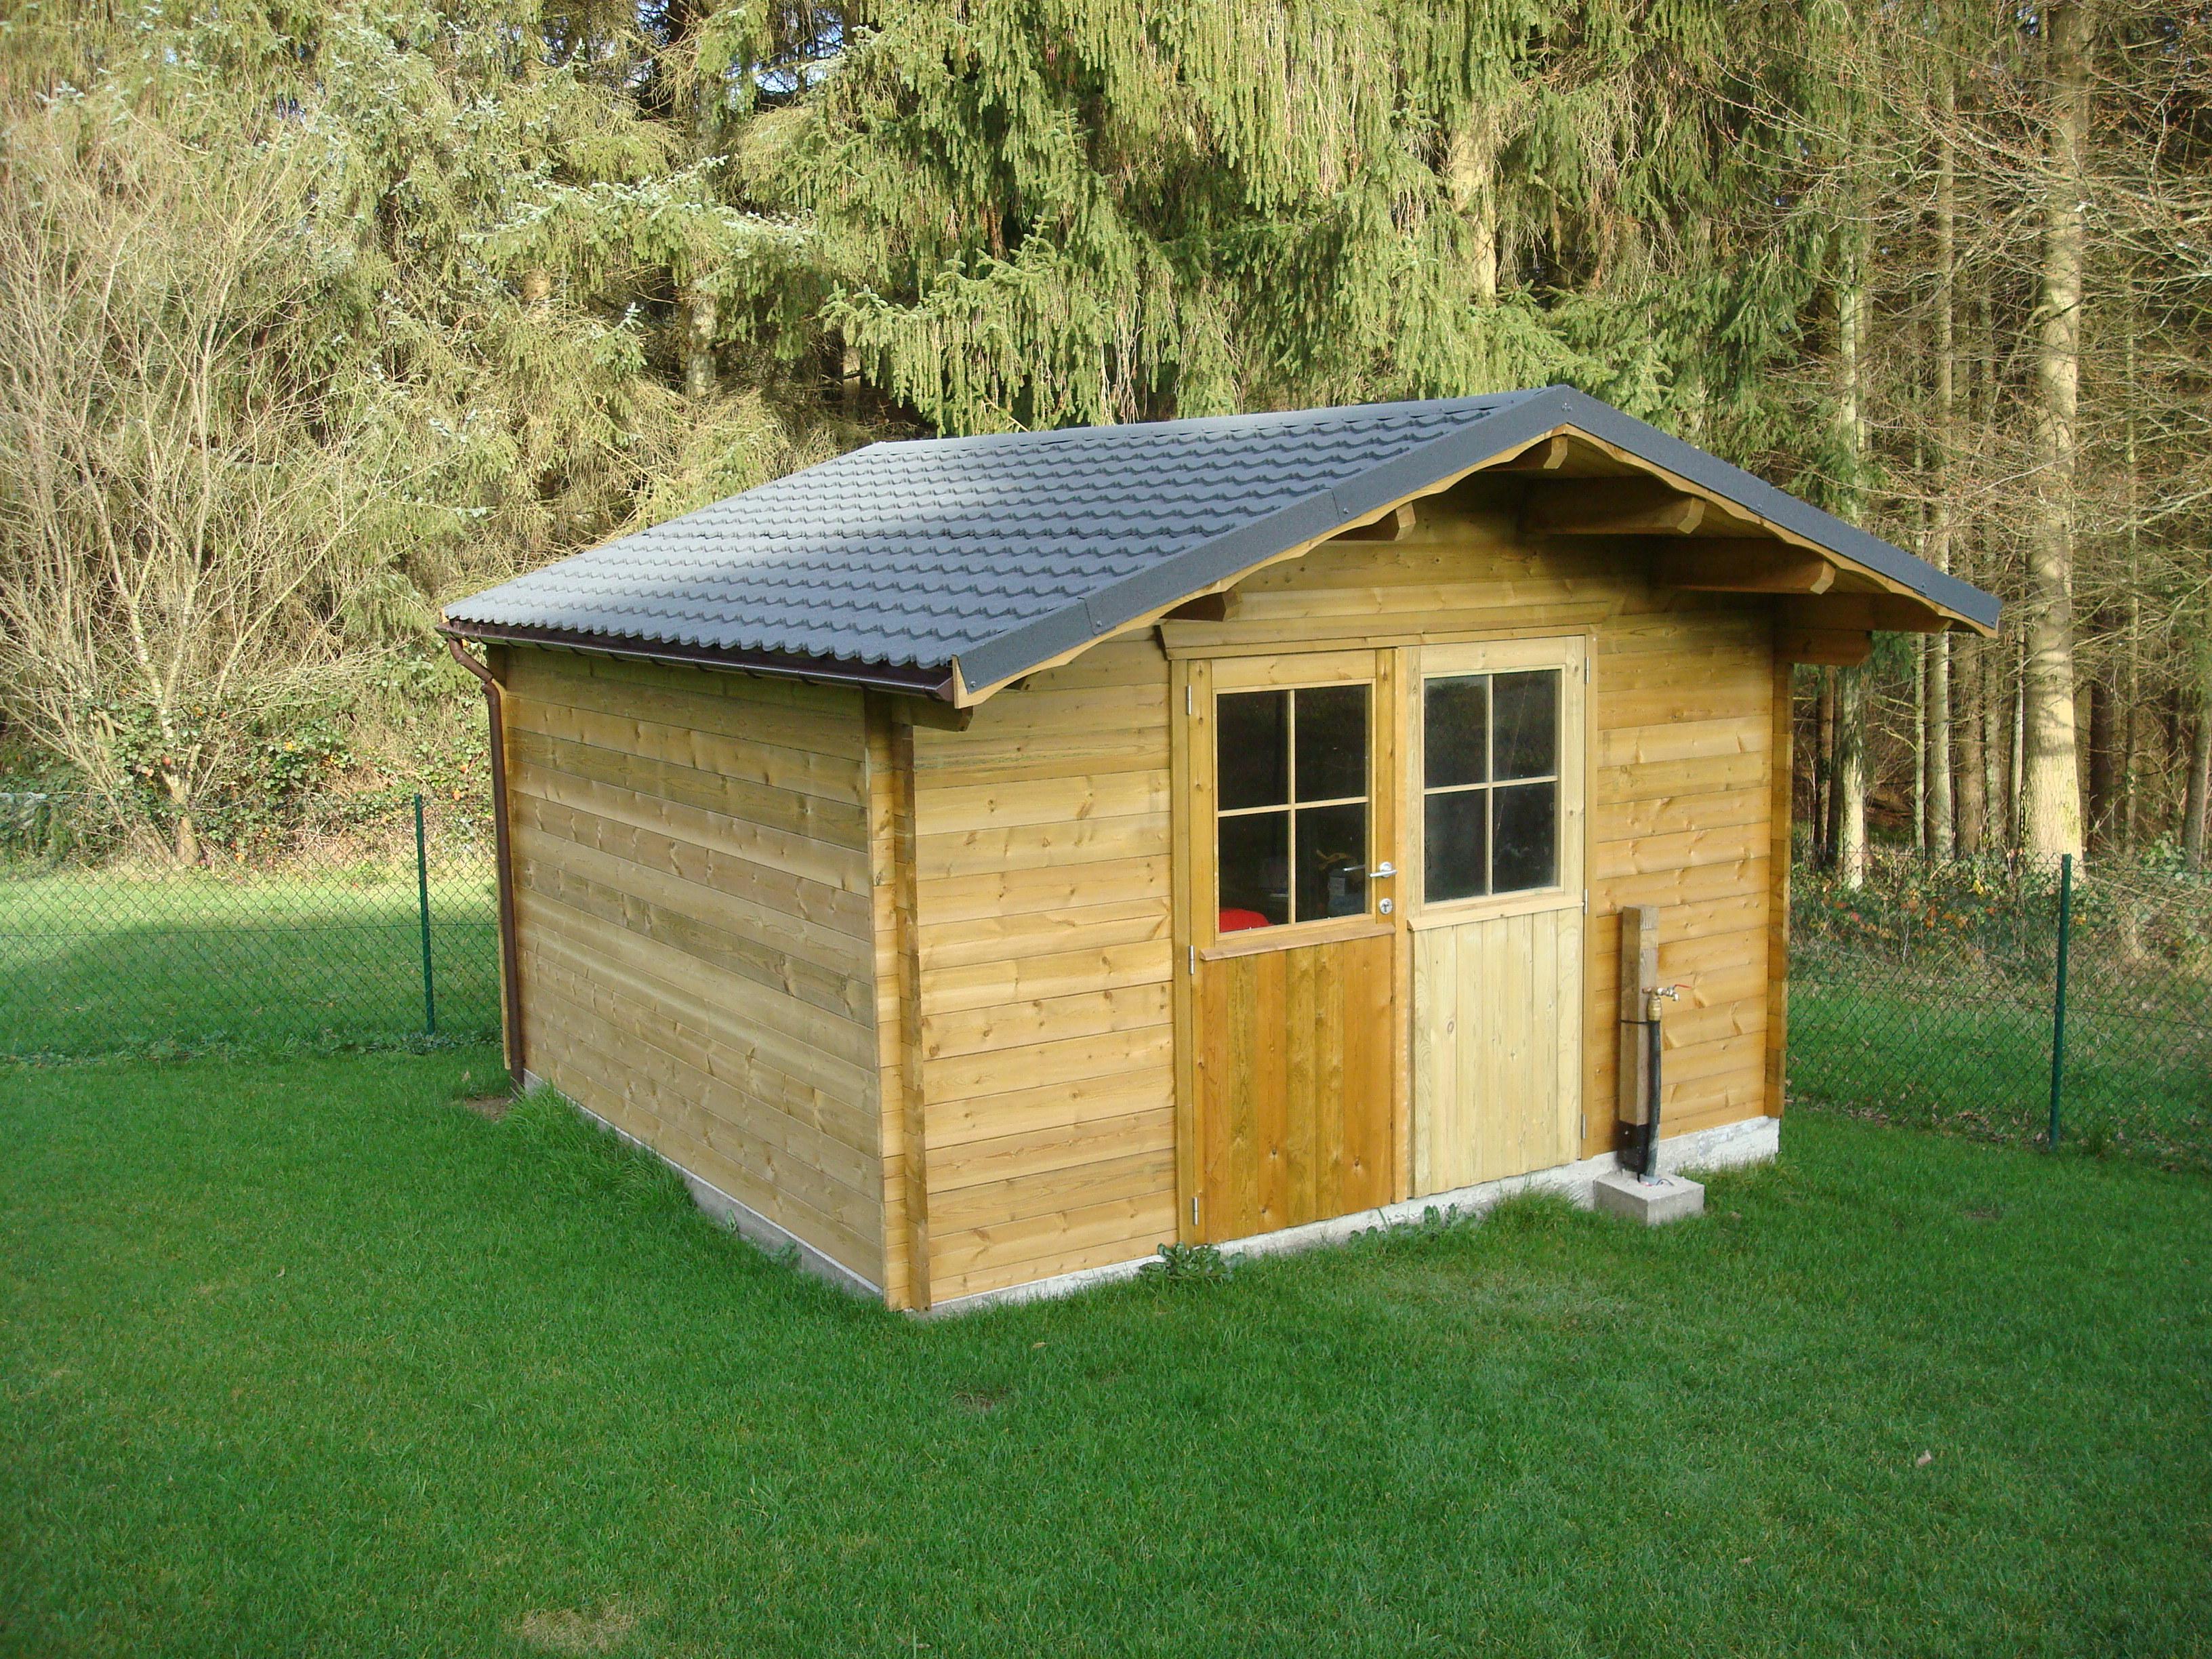 Grande Cabane De Jardin Pas Cher abri de jardin en bois chez botton – jardin et decoration